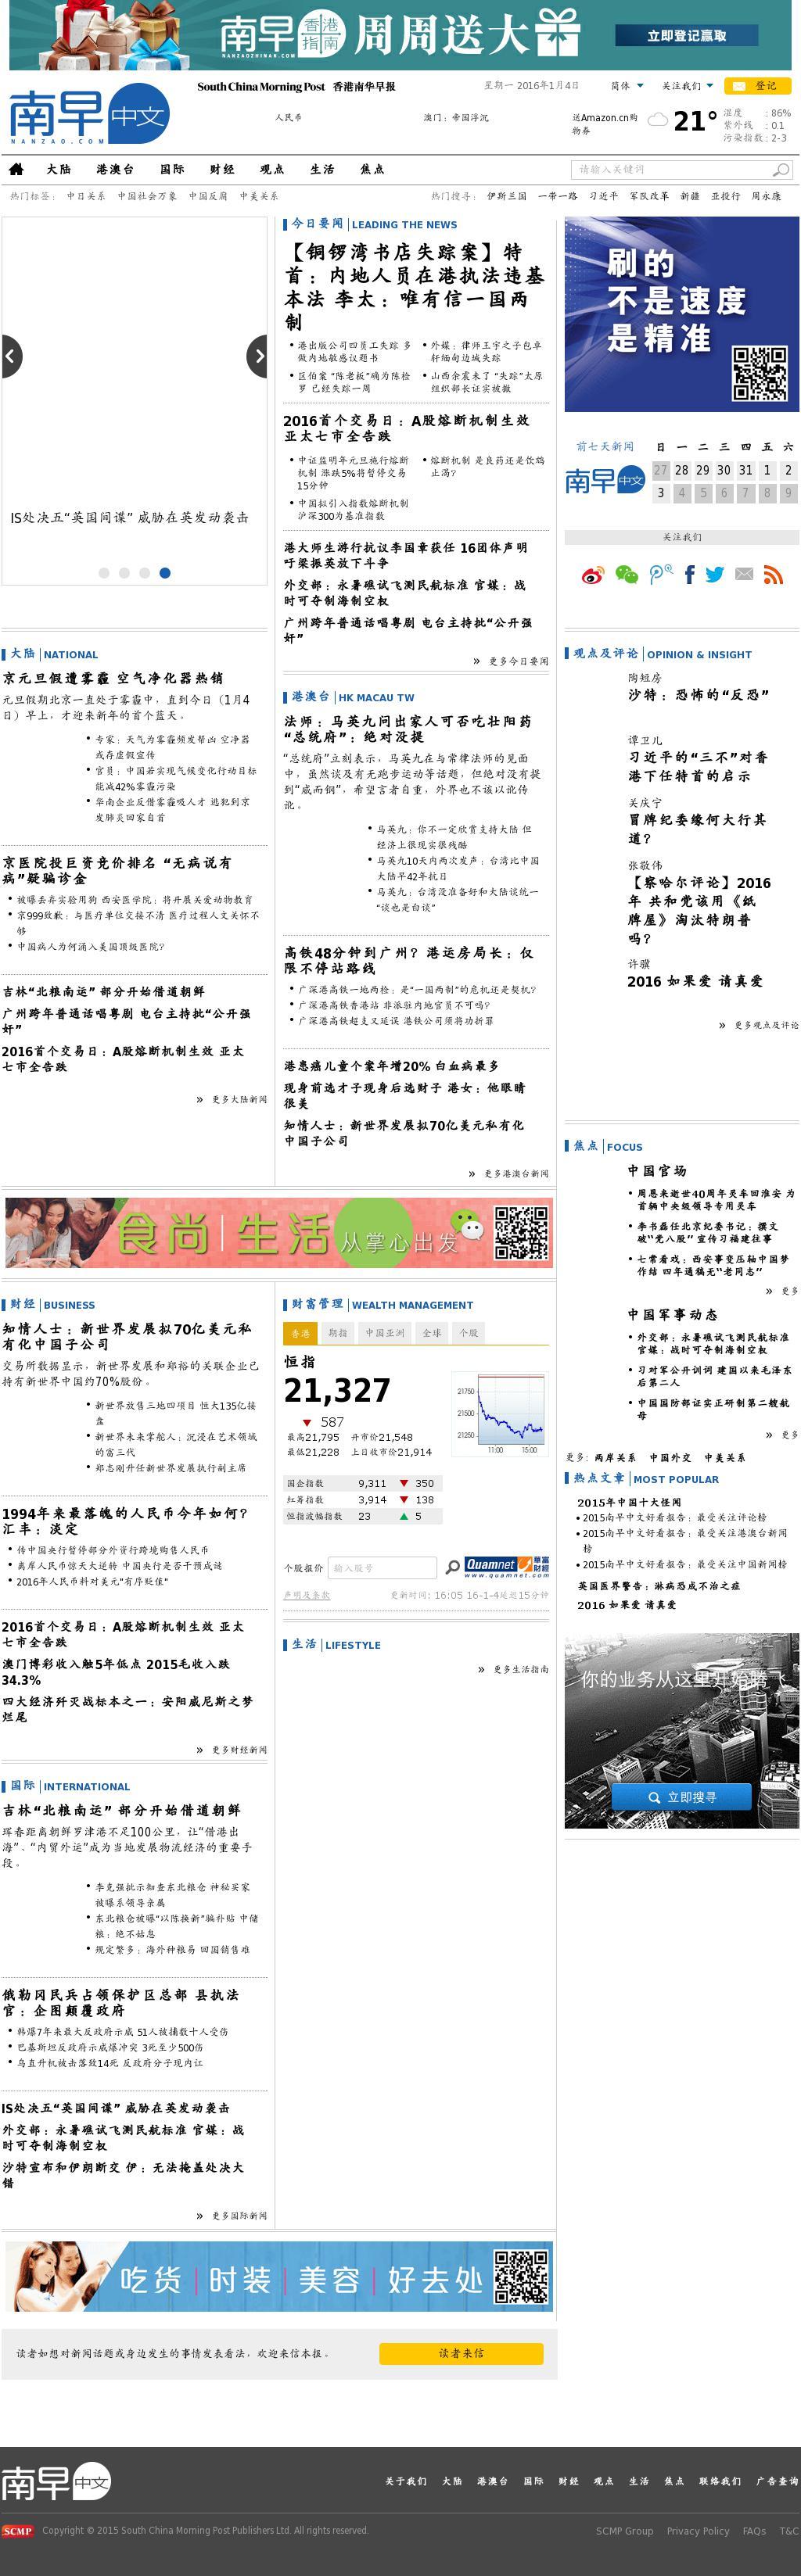 South China Morning Post (Chinese) at Monday Jan. 4, 2016, 10:28 a.m. UTC